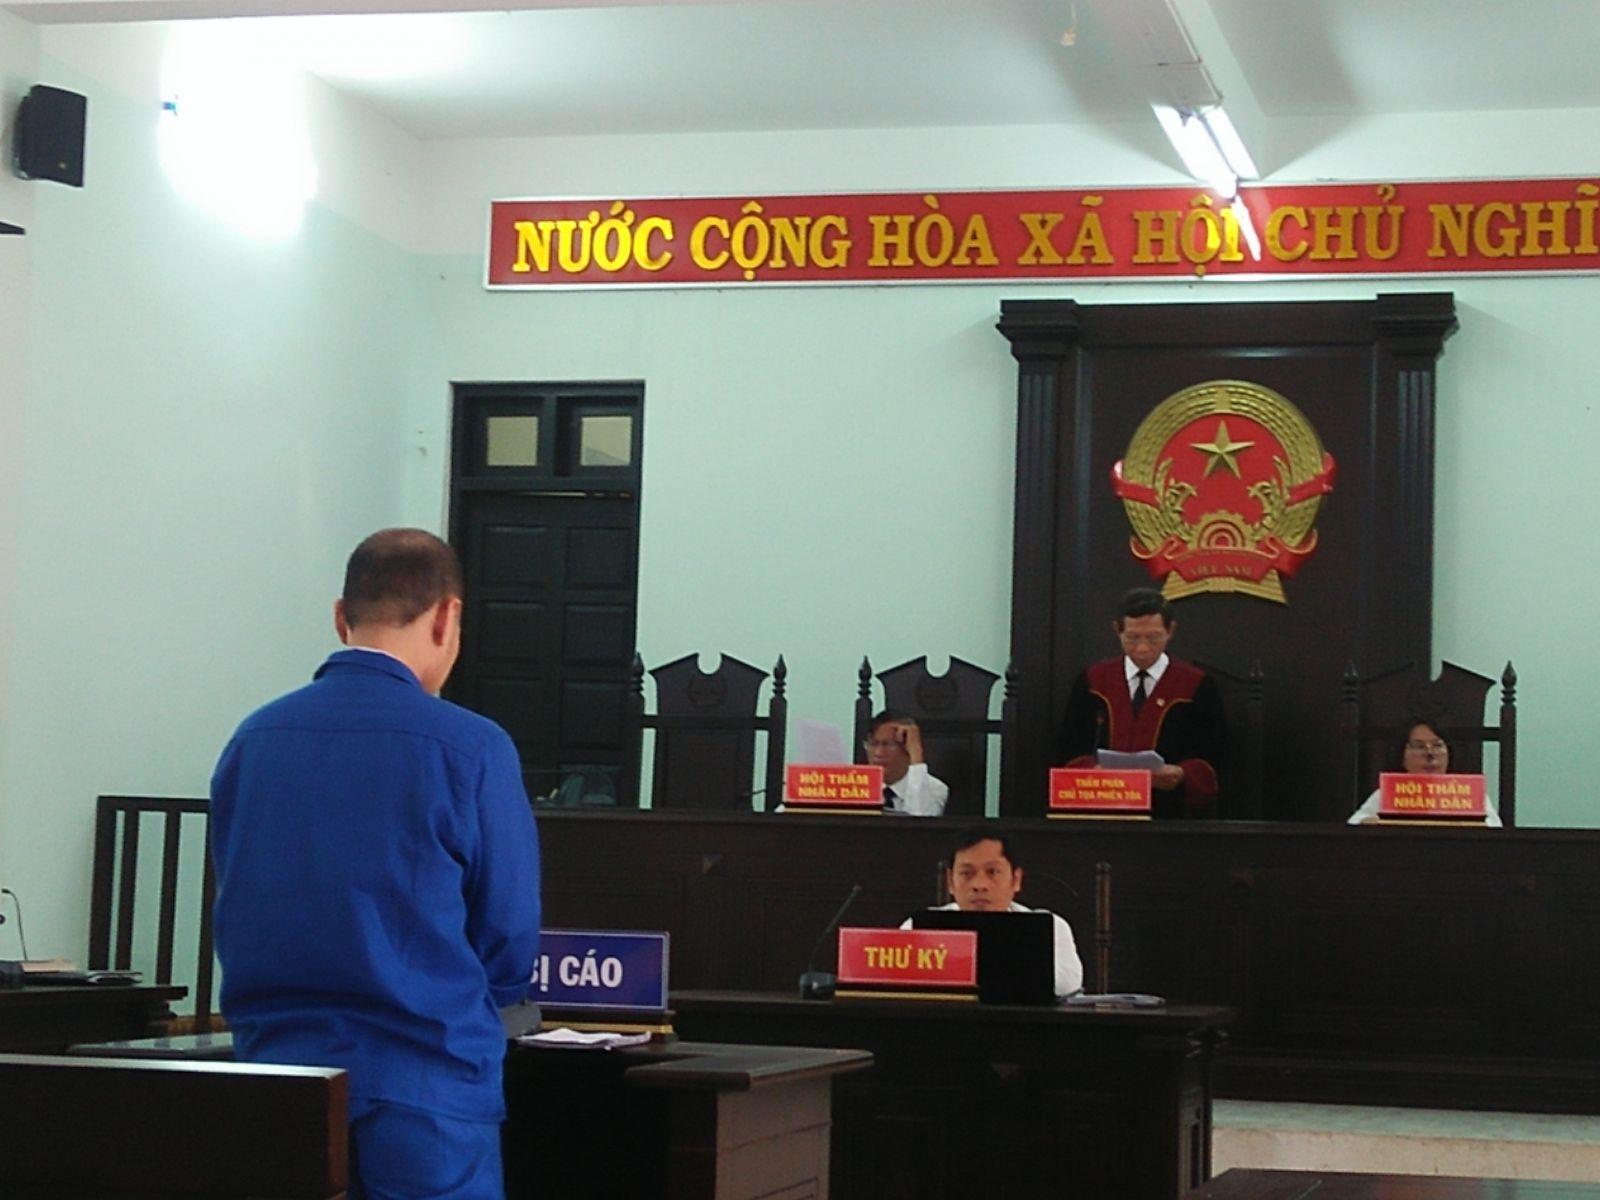 Phạt một người gốc Việt mang quốc tịch Hoa Kỳ 1 năm 6 tháng tù